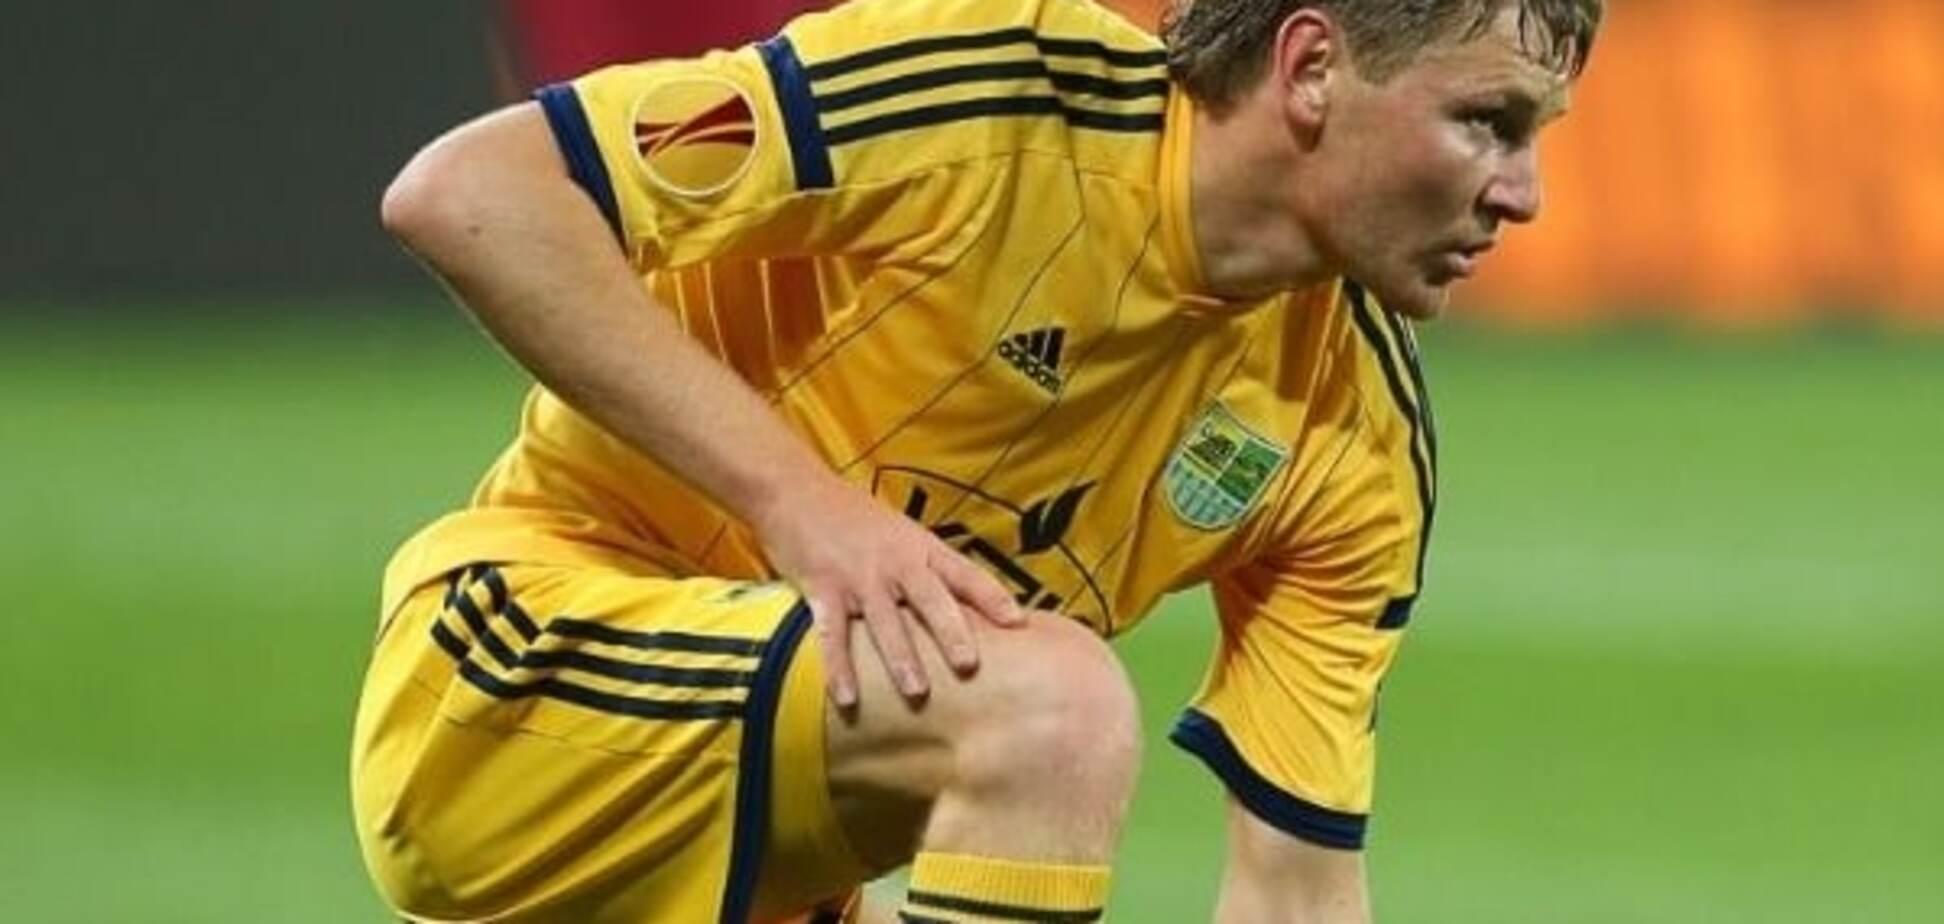 Известный украинский футболист завершил карьеру в 30 лет